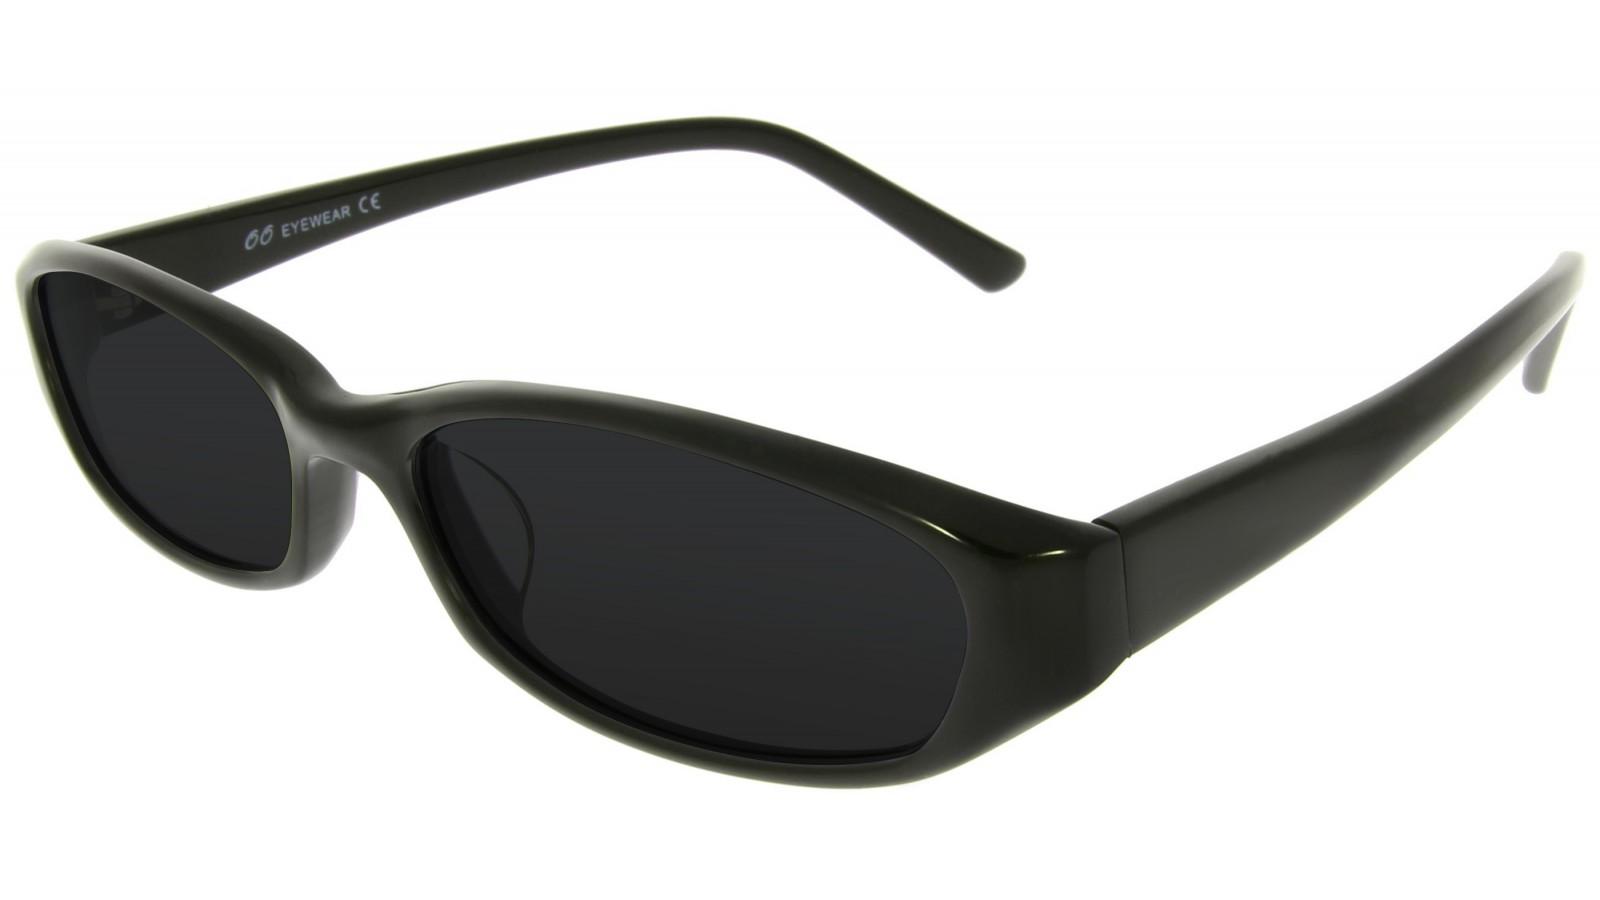 Retro Sonnenbrille mit dickem schwarzen Rahmen